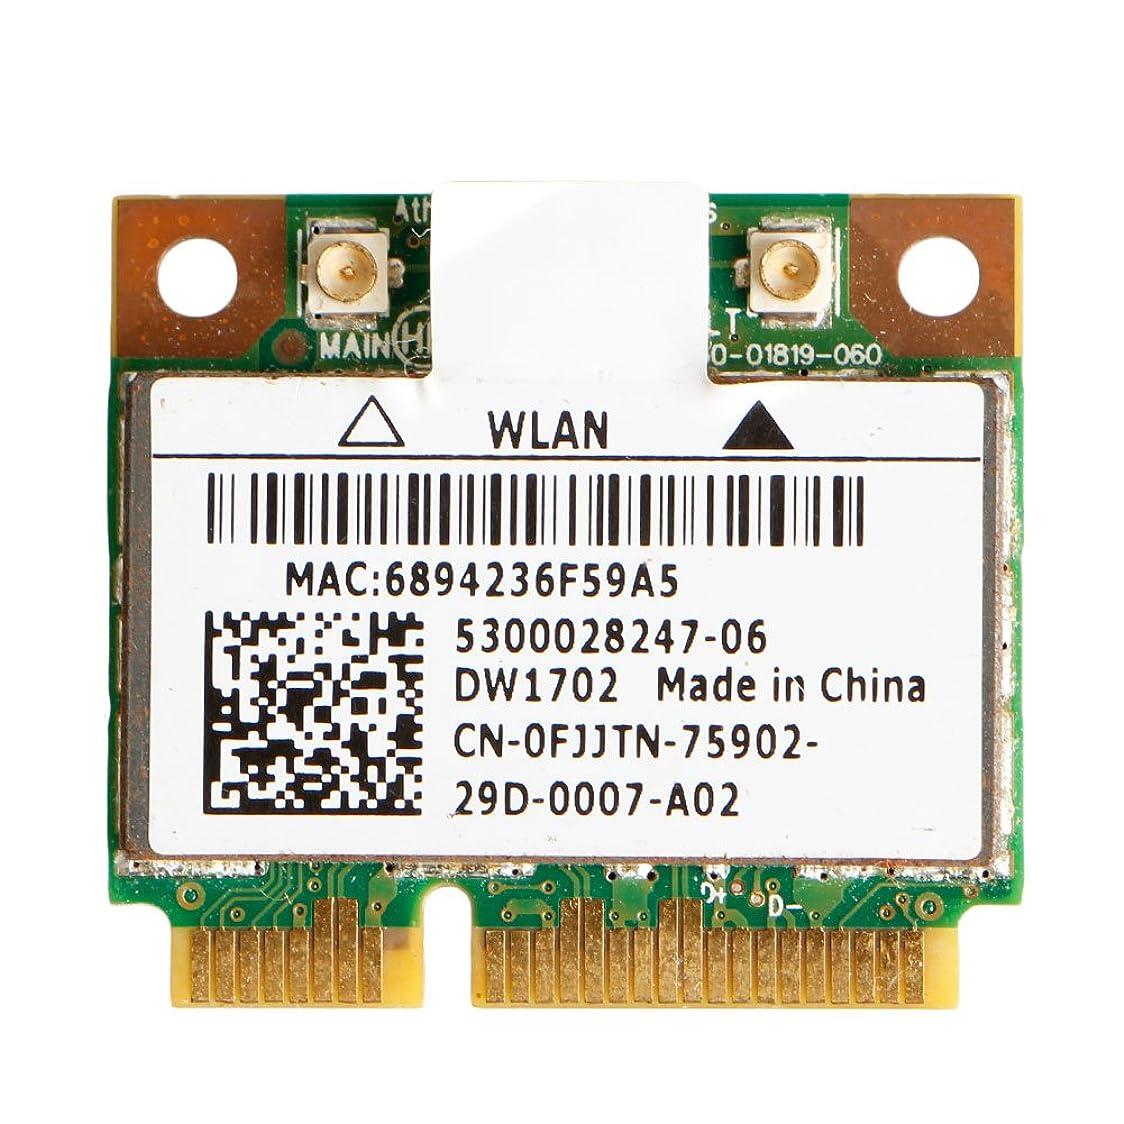 醜いリレー二年生kocome dw1705?qcwb335半分PCI - Eワイヤレスカードfor Dell 15?3521?3537?17r 5721?N4919